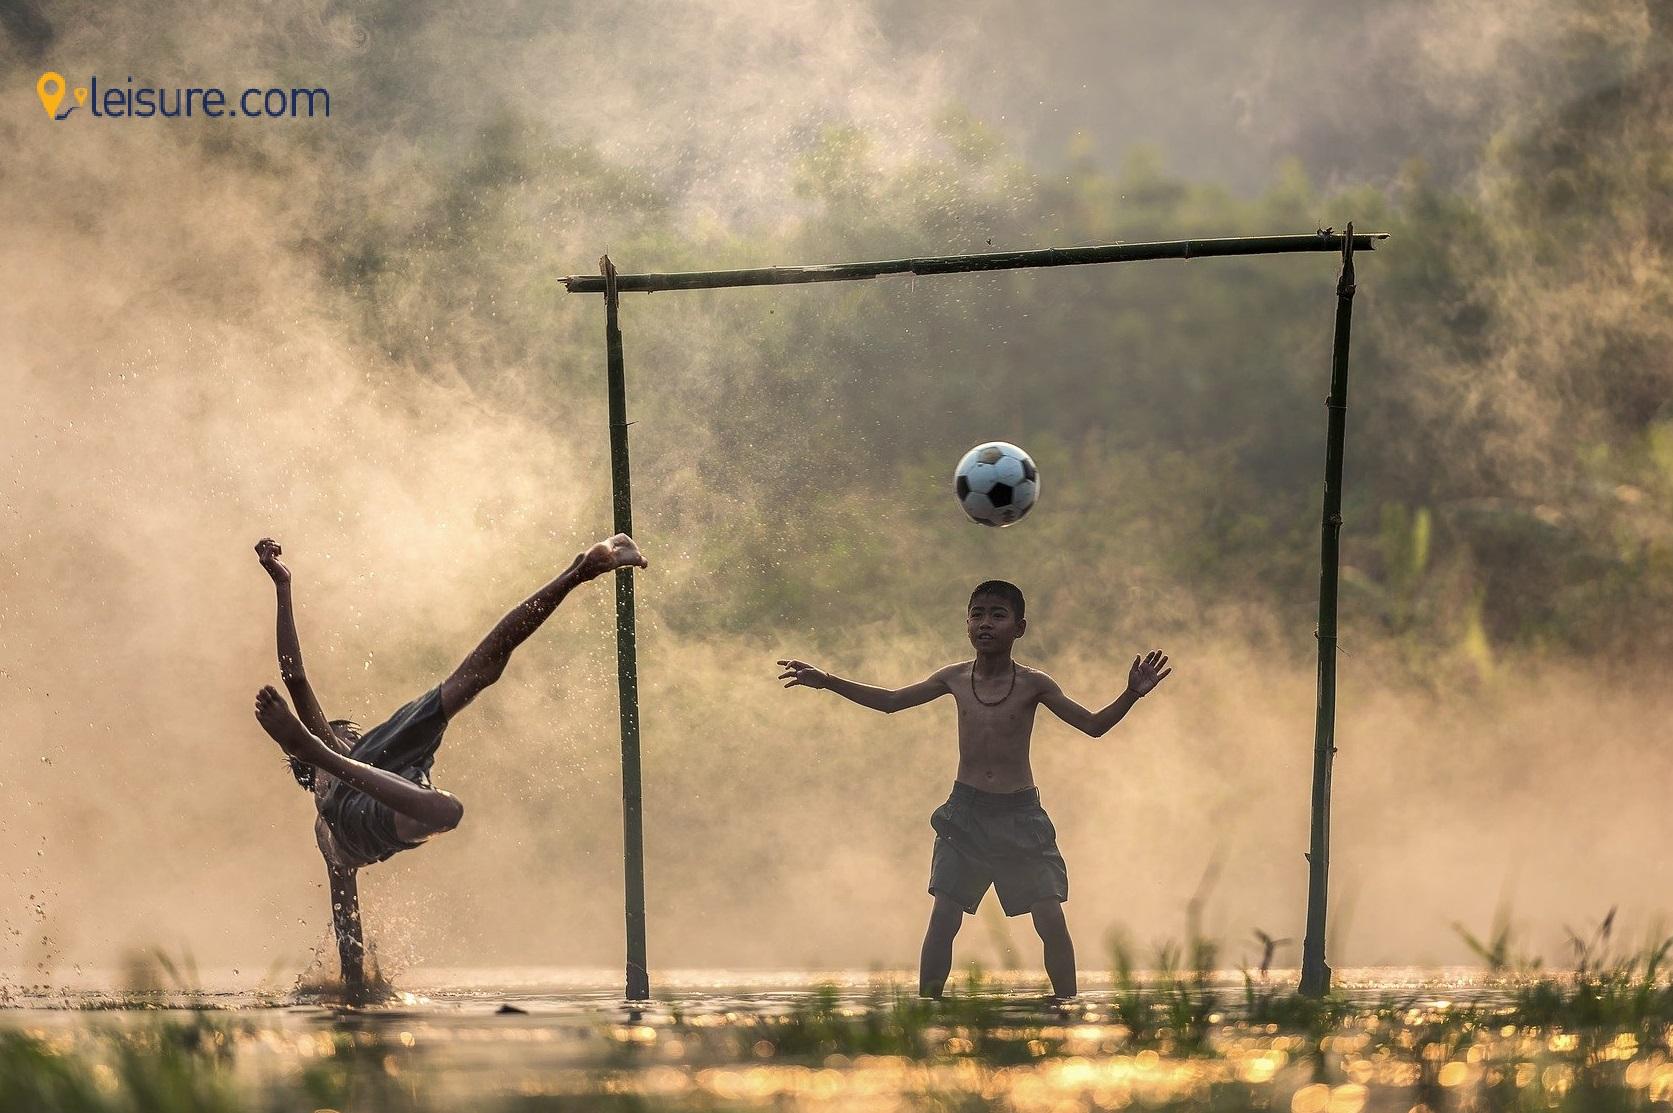 Childfootbal